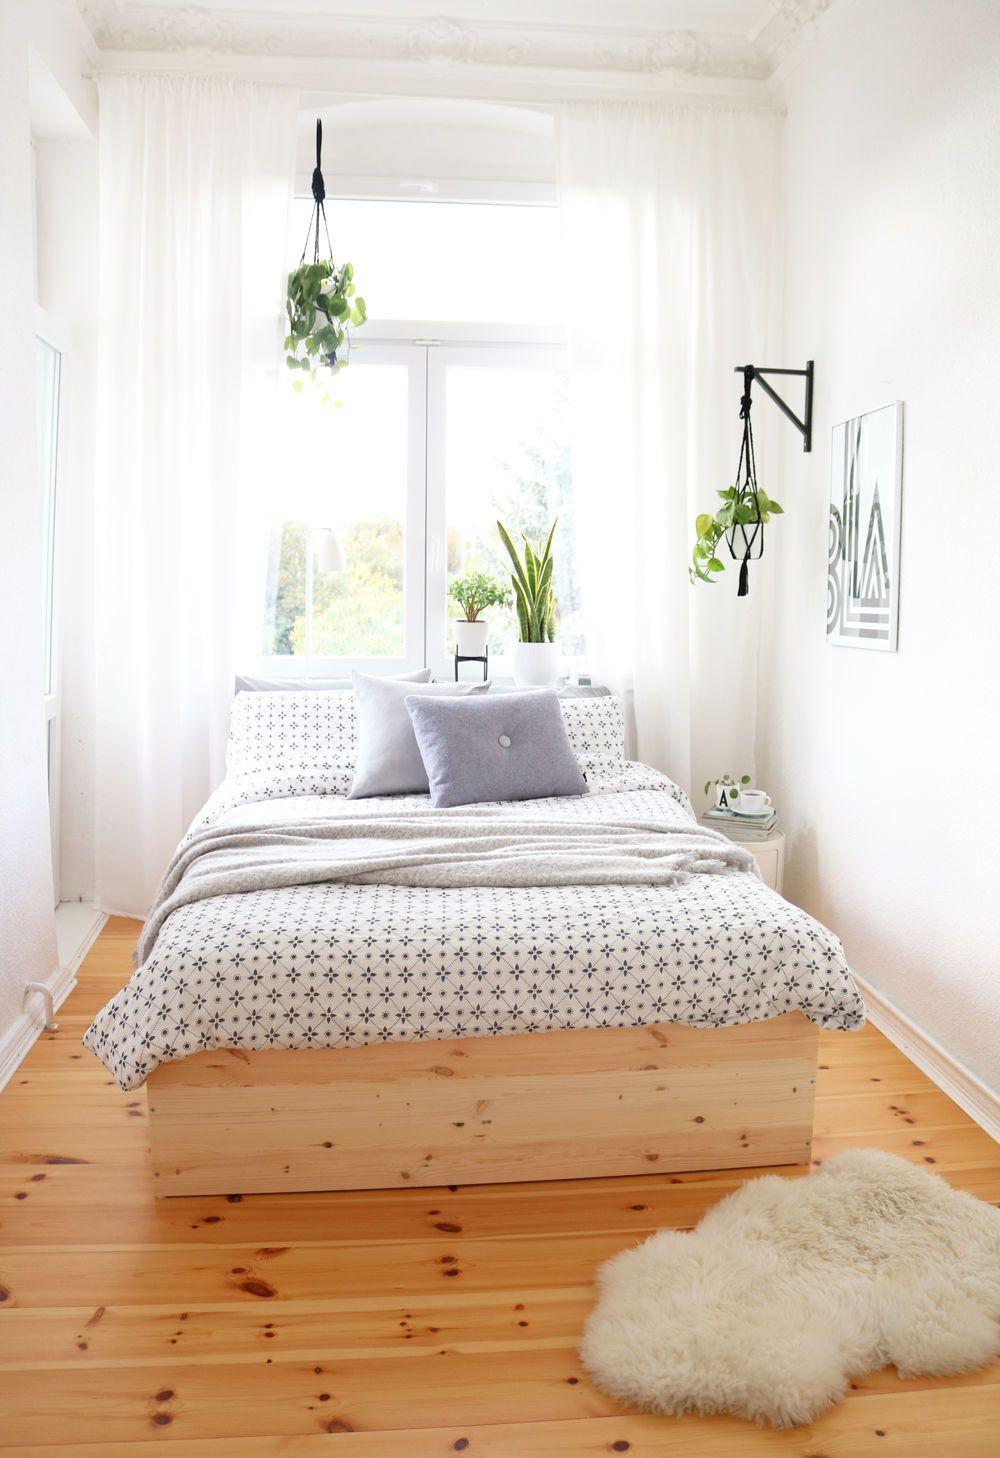 Schlafzimmer Diy  Kleine Schlafzimmer einrichten & gestalten